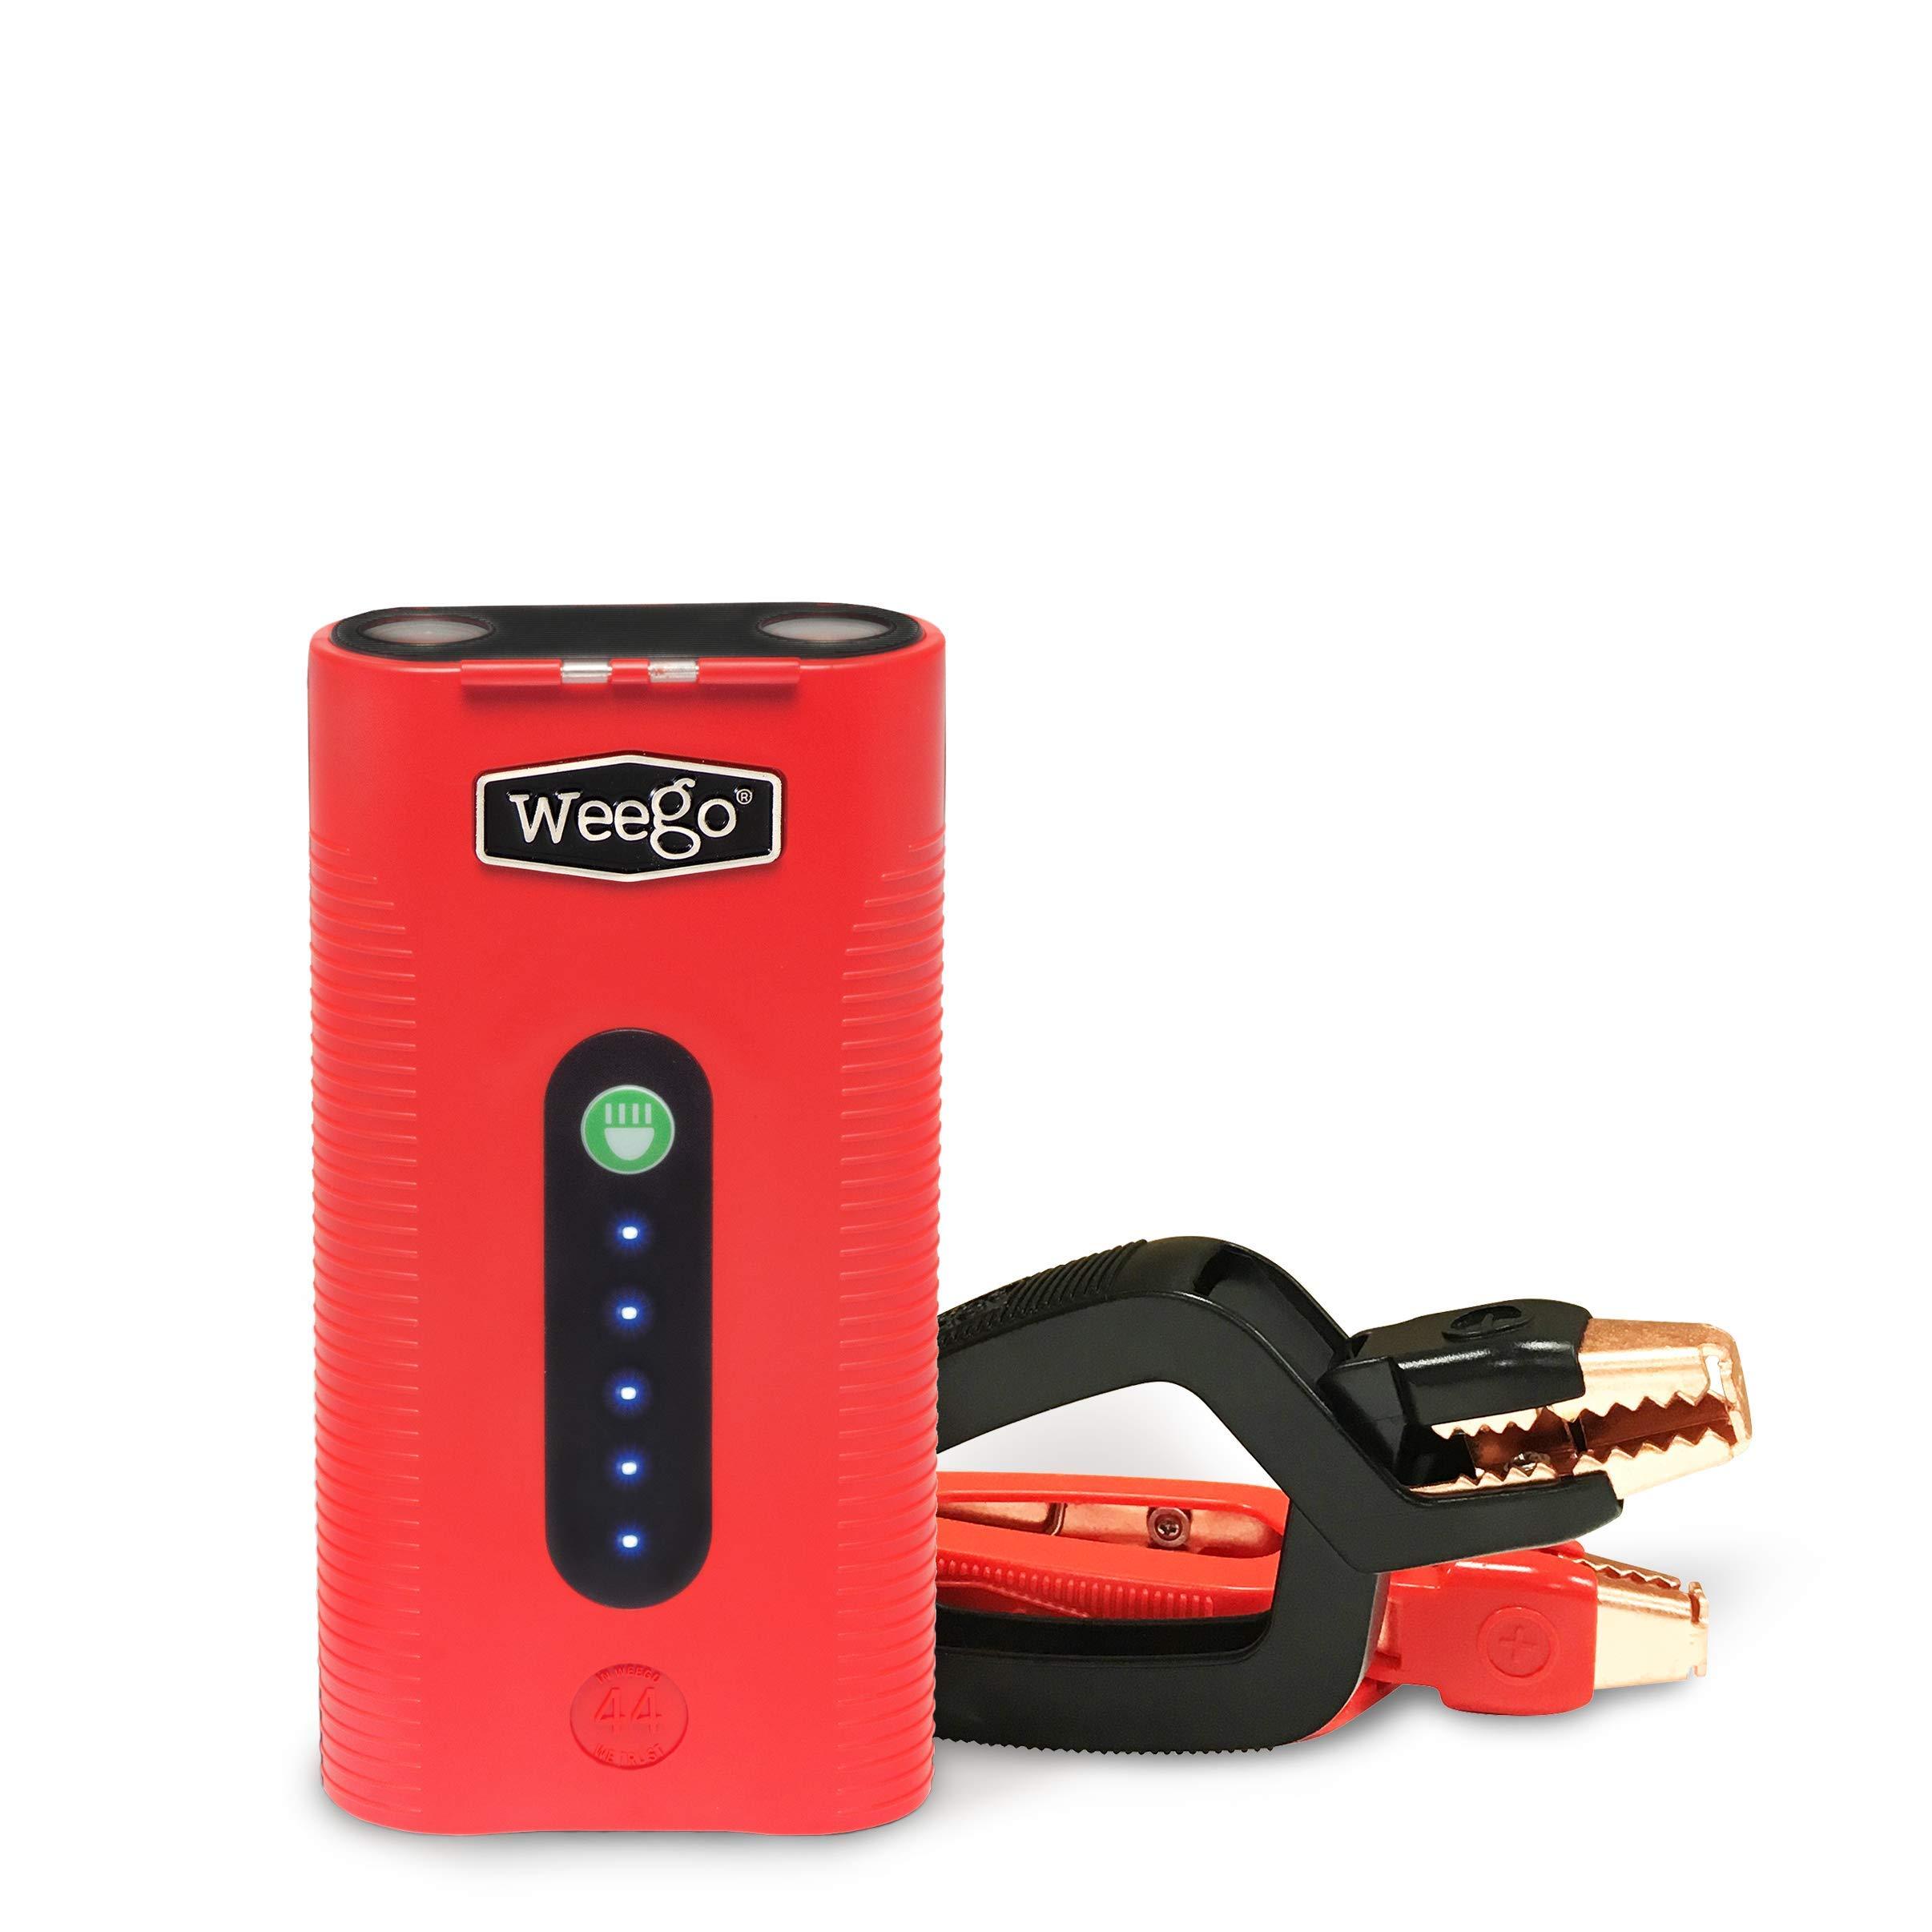 Weego 44 Jump Starter 44 – Jump Starts 7 Liter Gas & 3.5L Diesels – Quick Charges Phones, 28 -Hr 500 Lumen Flashlight, Premium, USA-Designed & Engineered IP65 Water Resistant